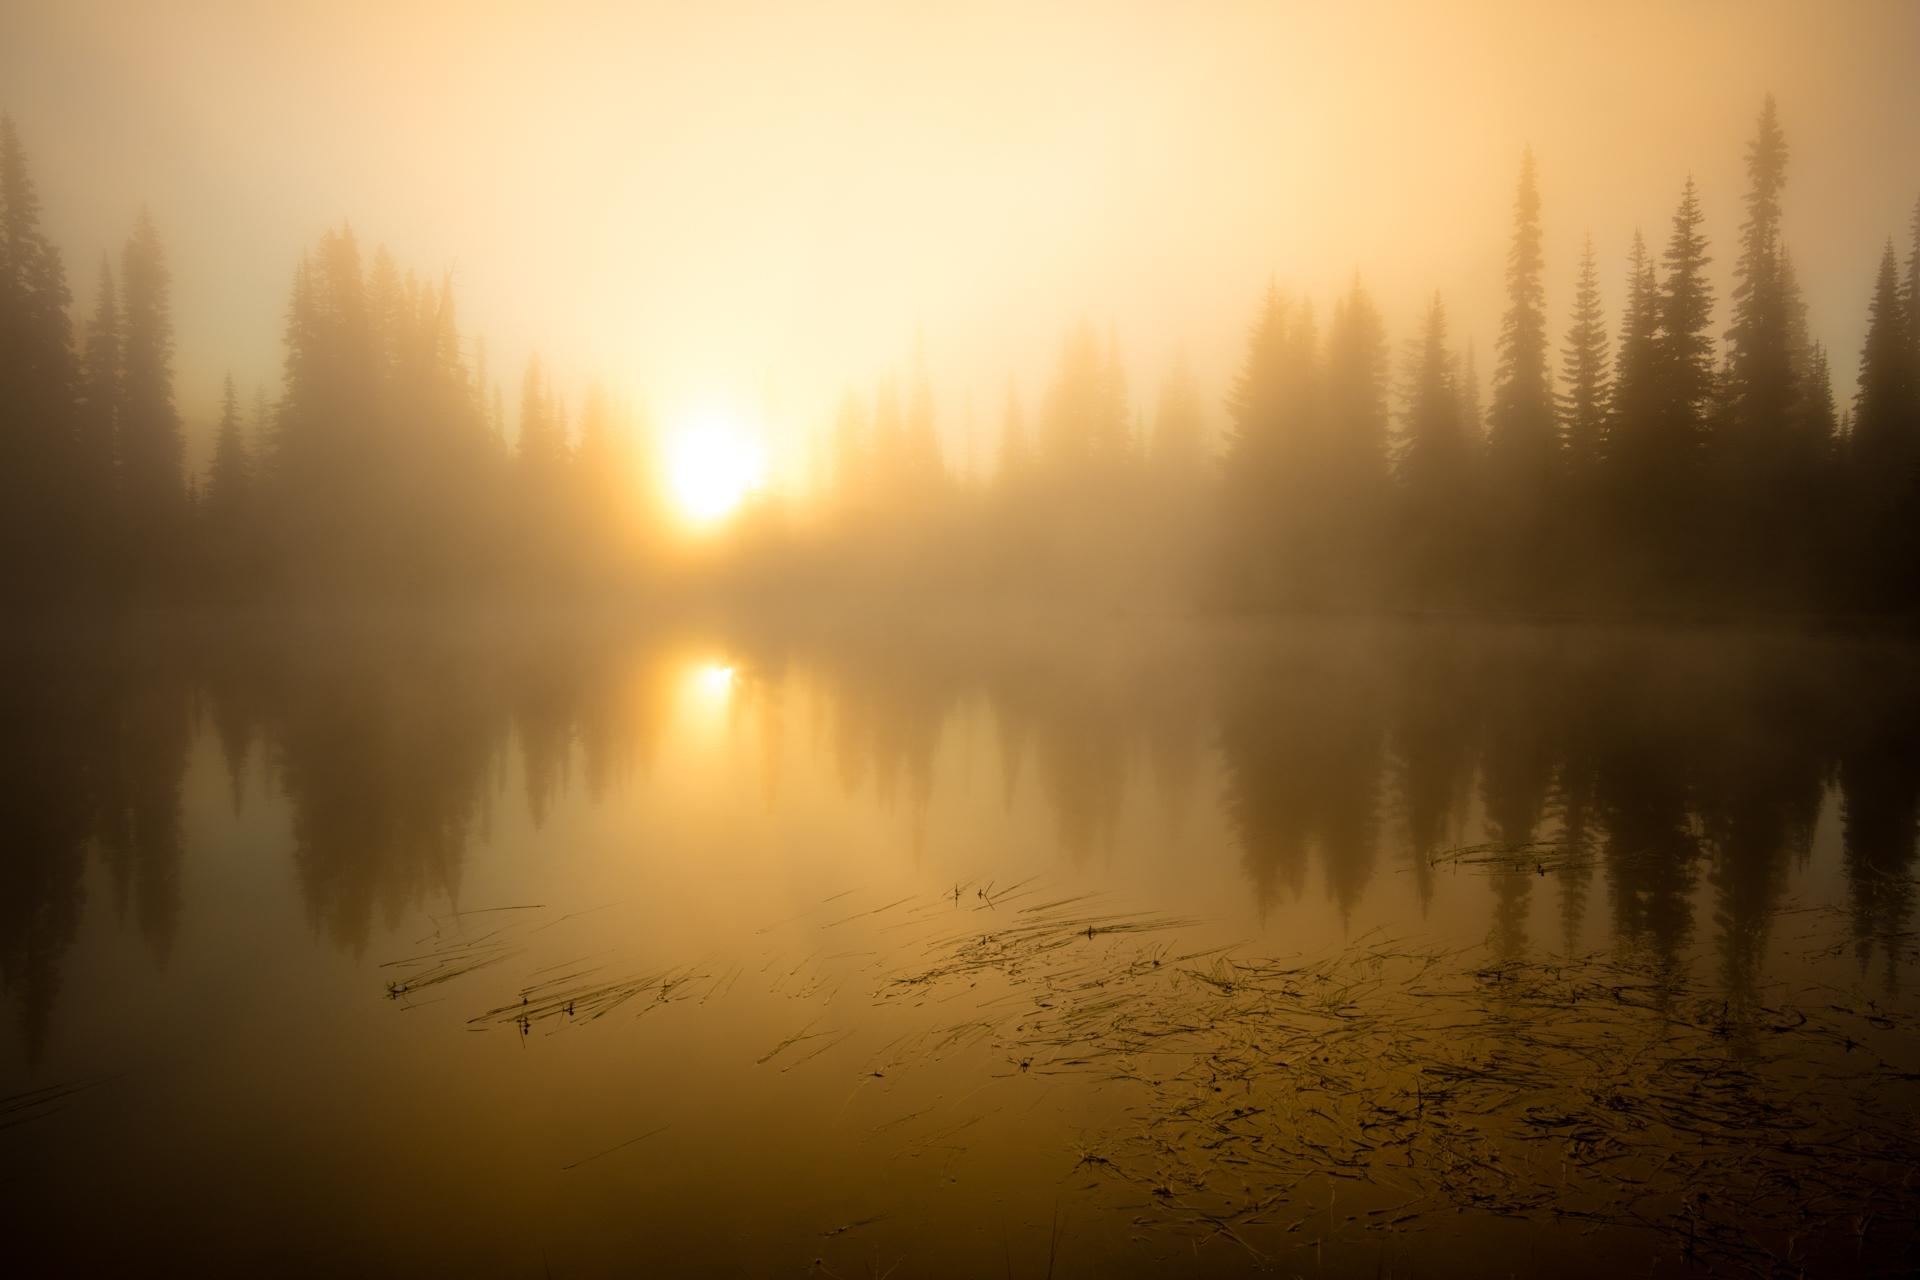 Canon 5Ds R Review by a Landscape Photographer | Graham Clark ...